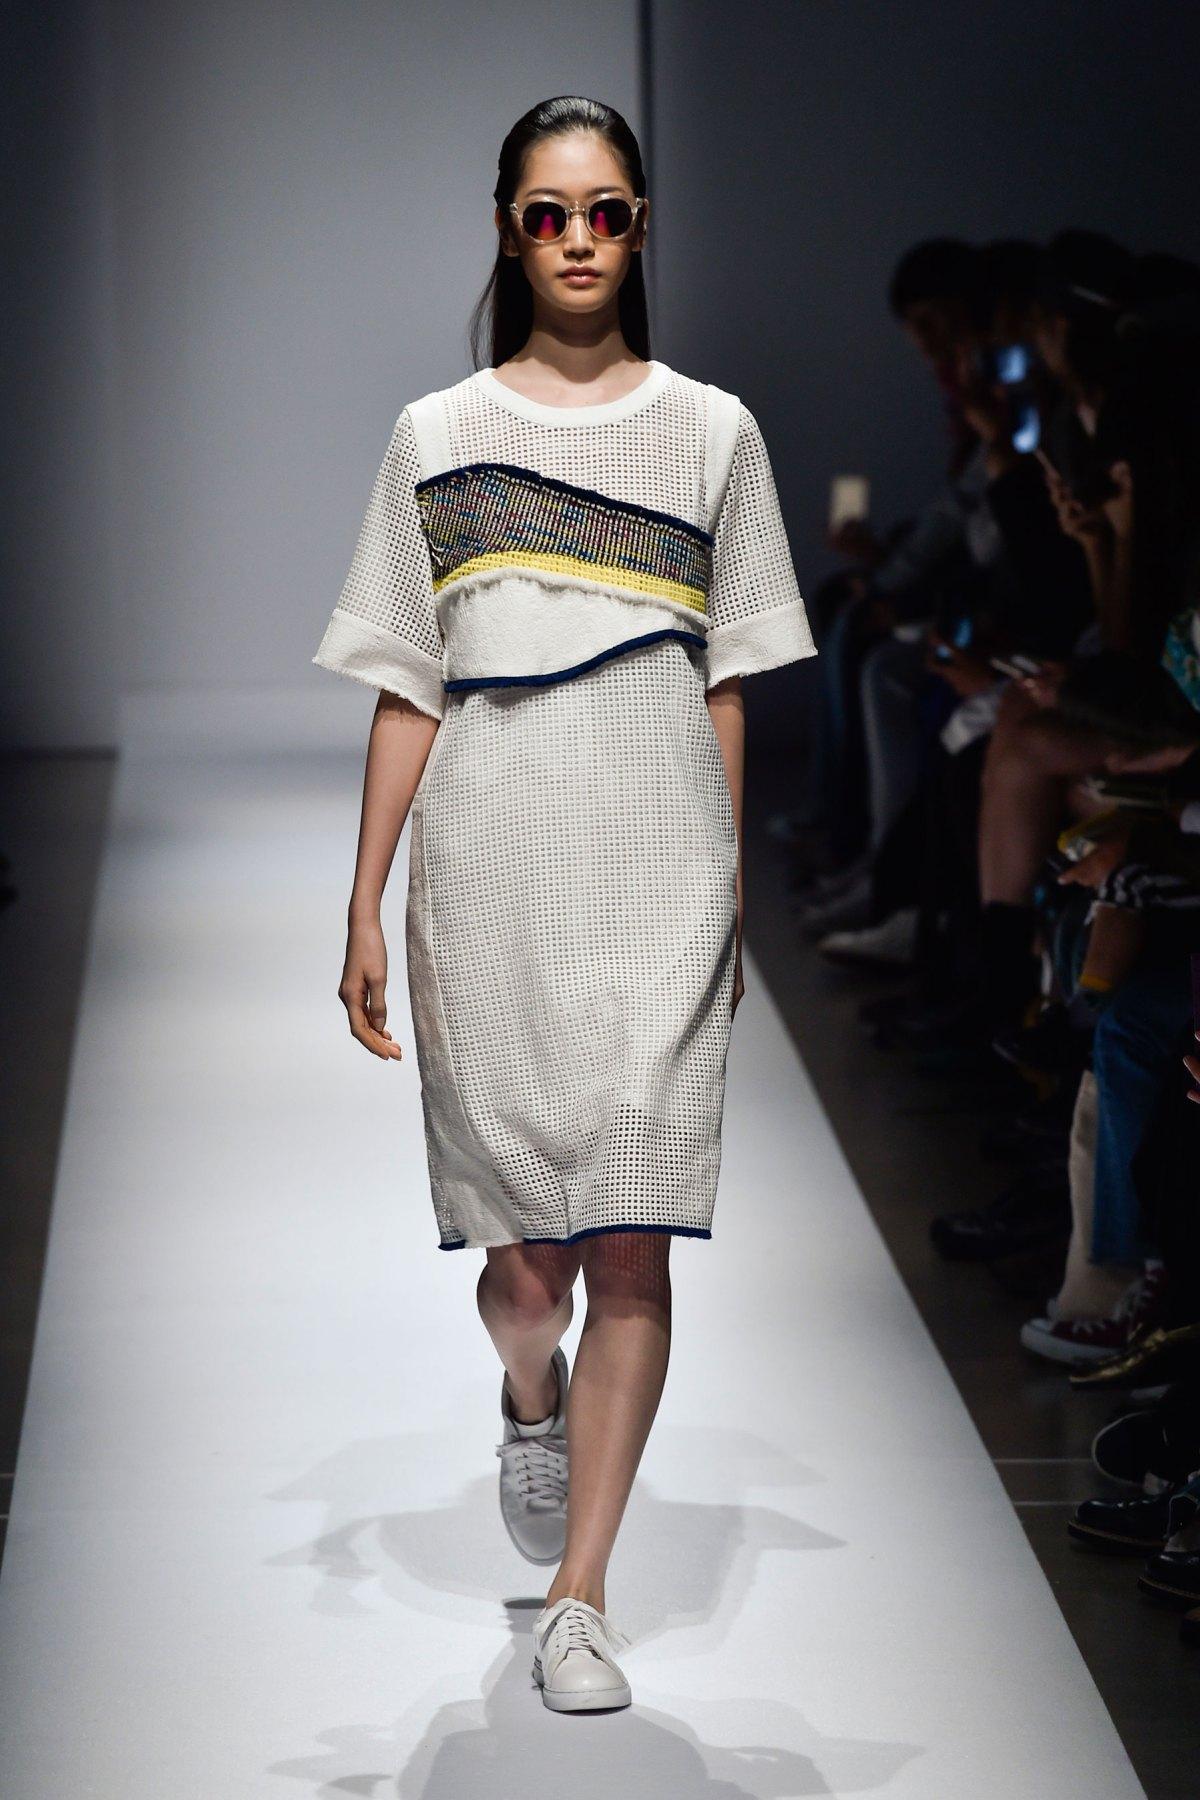 Fashion Hong Kong RS17 0031